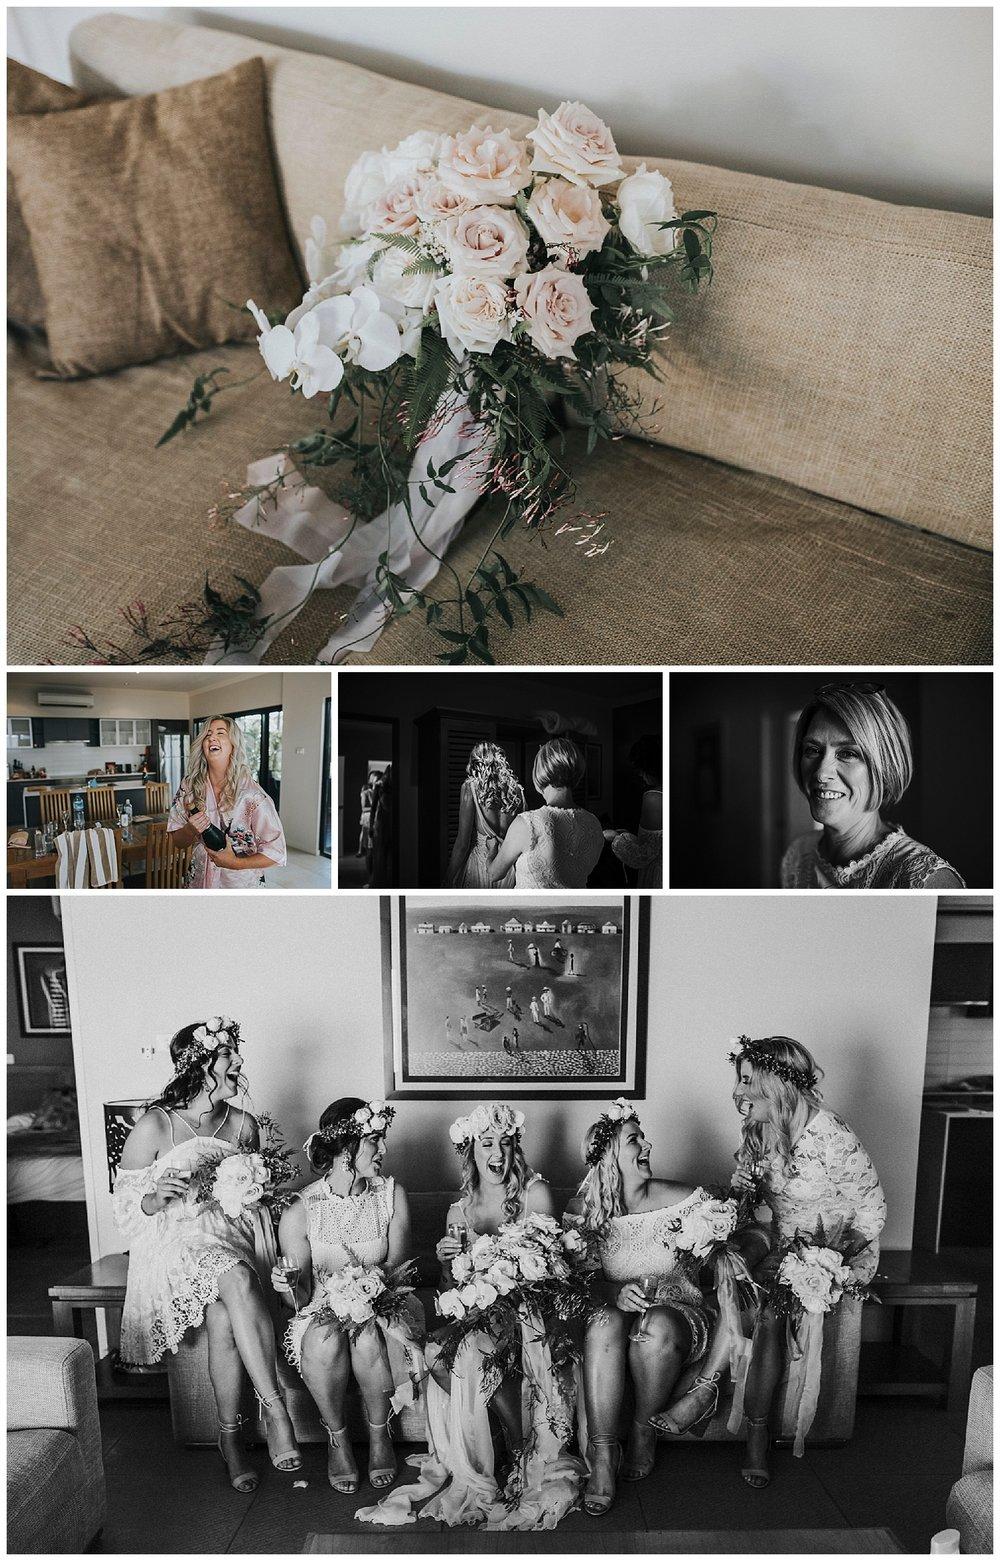 broome_wedding_keeper_creative_003.JPG